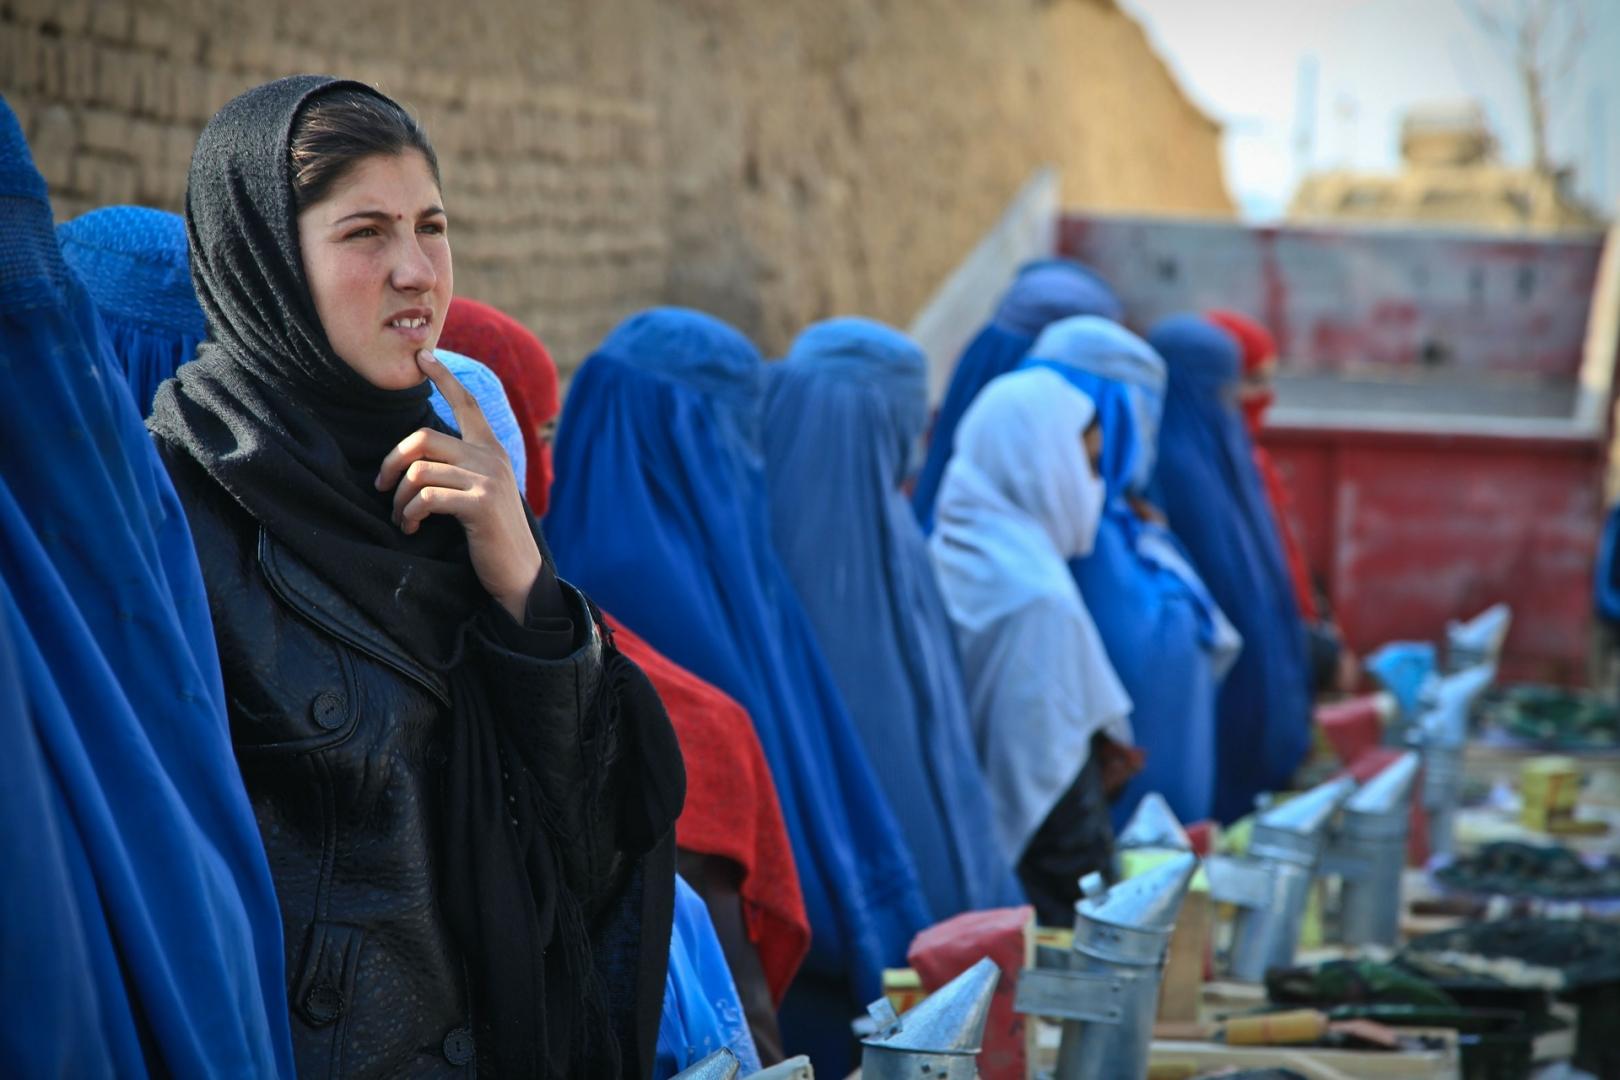 Казахстан выделил $50 млн на обучение женщин Афганистана - ИА REGNUM